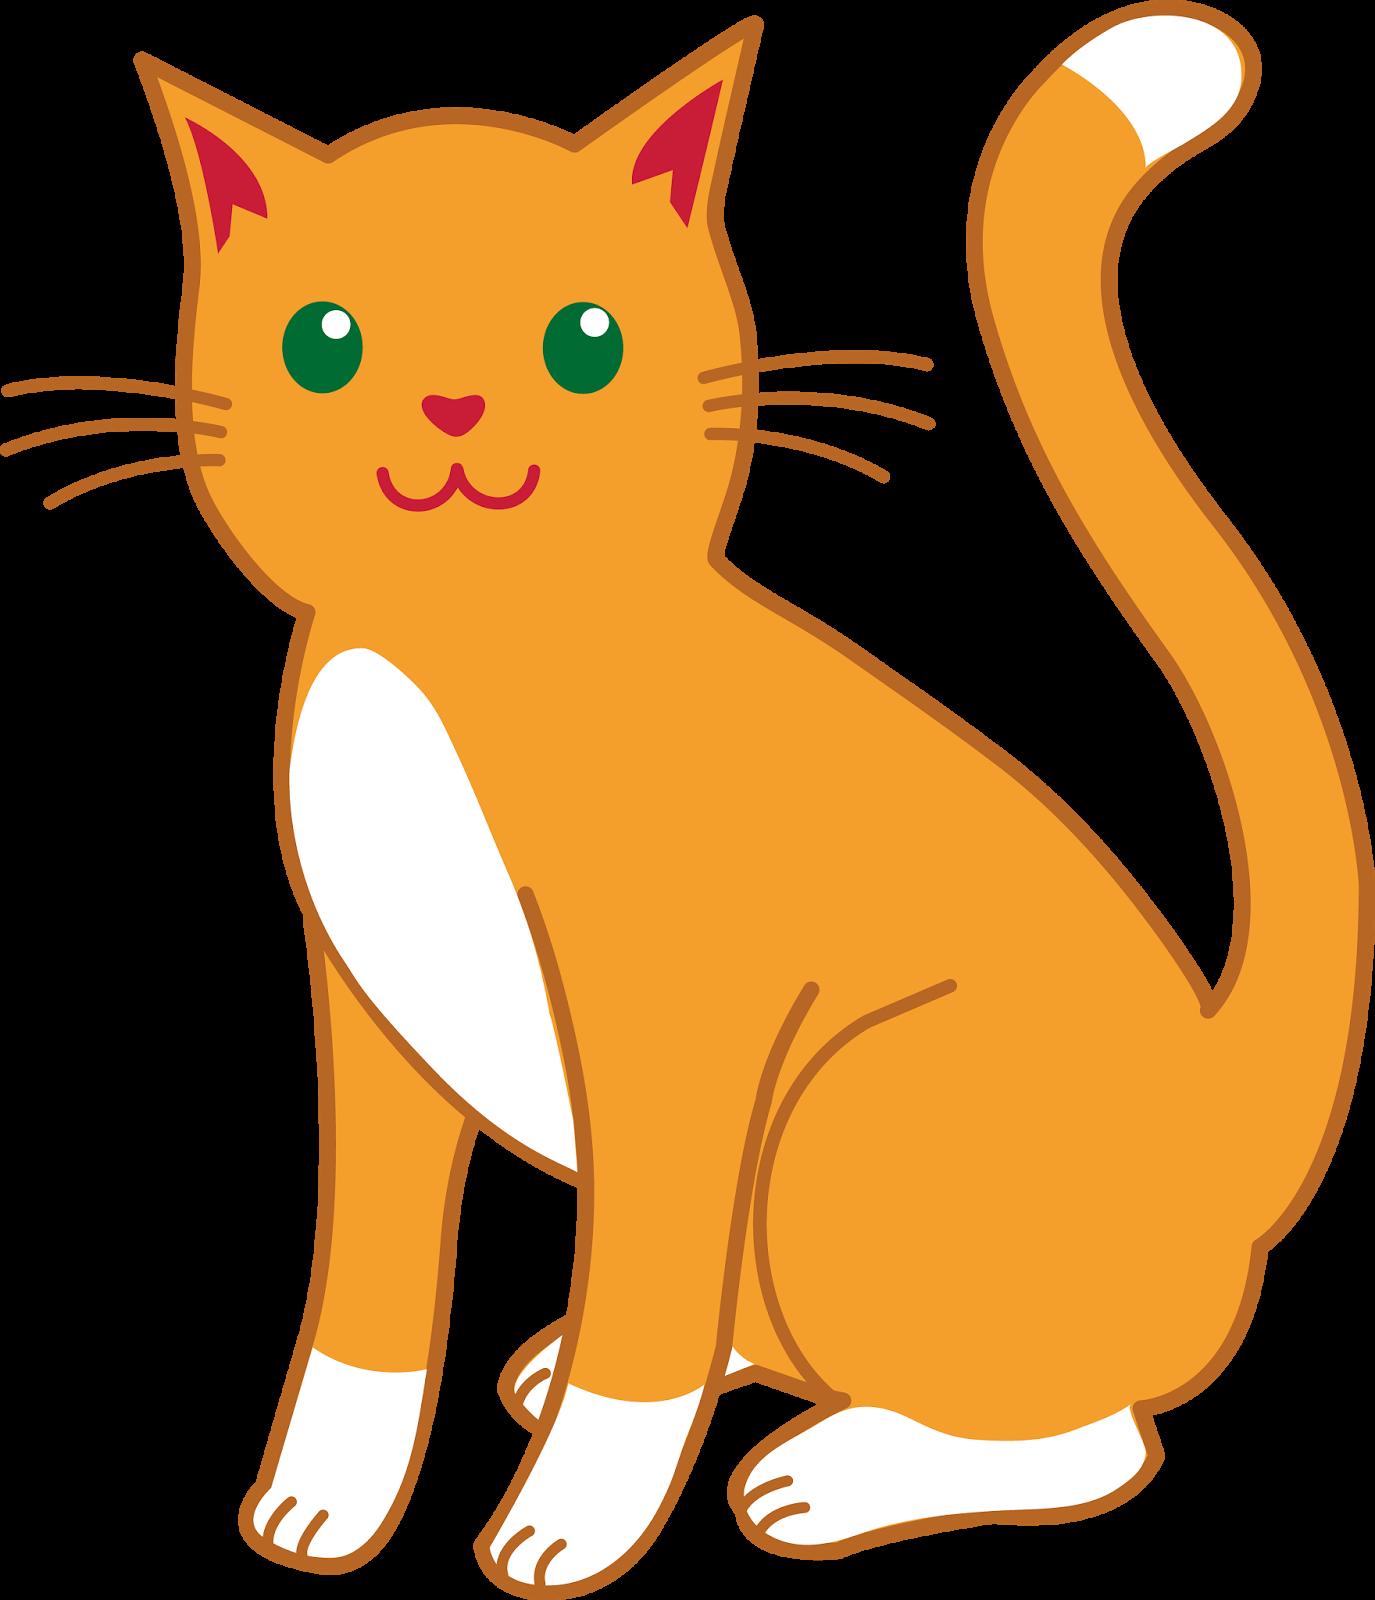 Free cartoon cats download. Clipart cat superhero